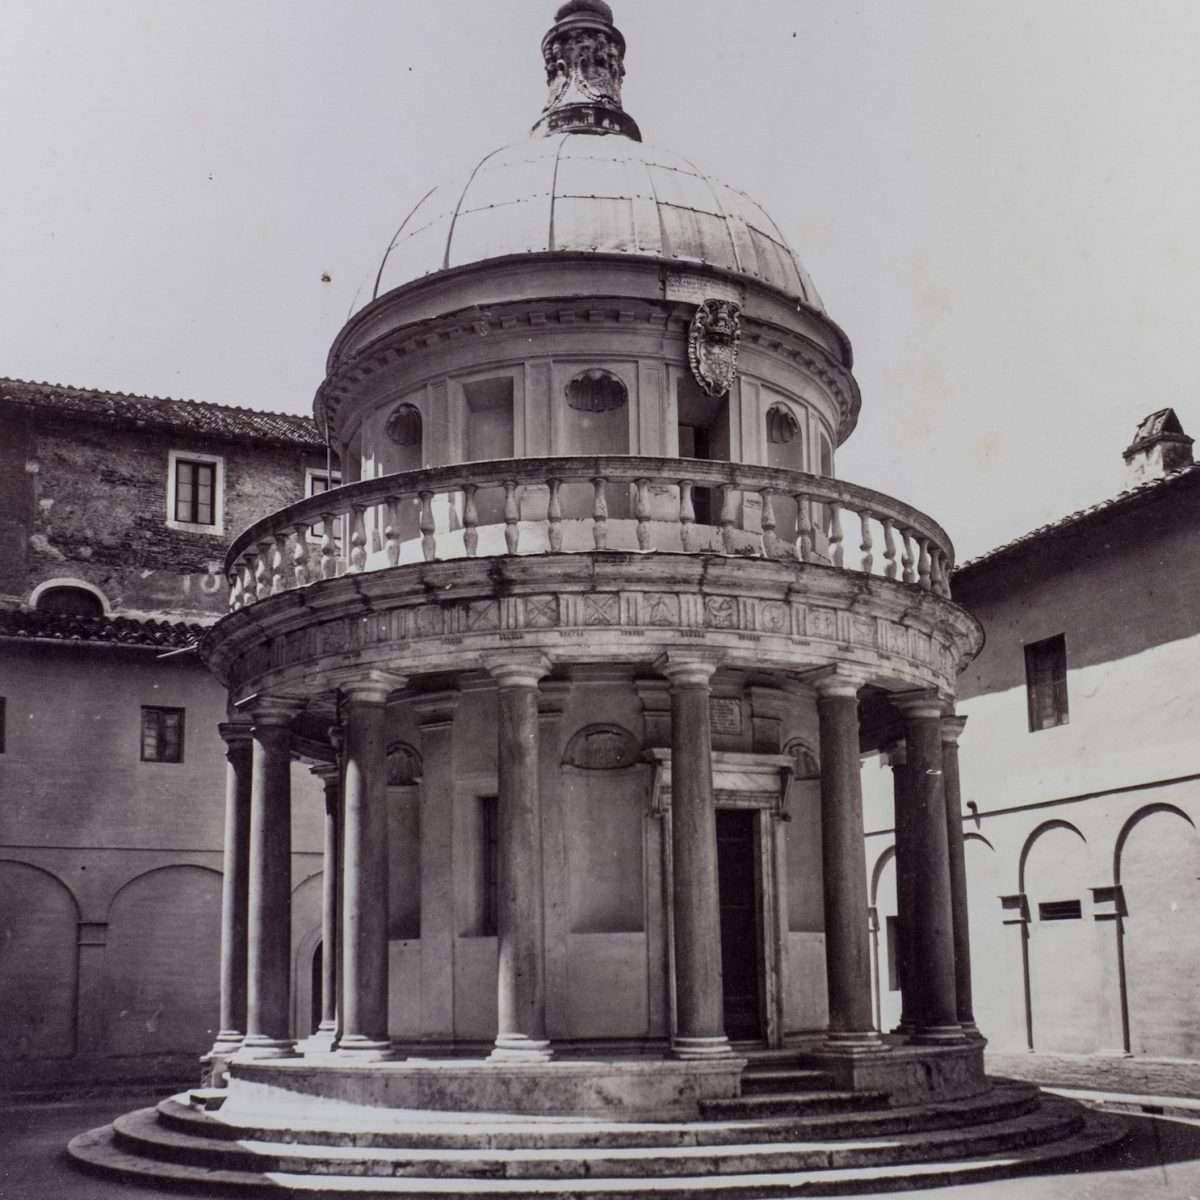 L-1090215 - Tempietto del Bramante